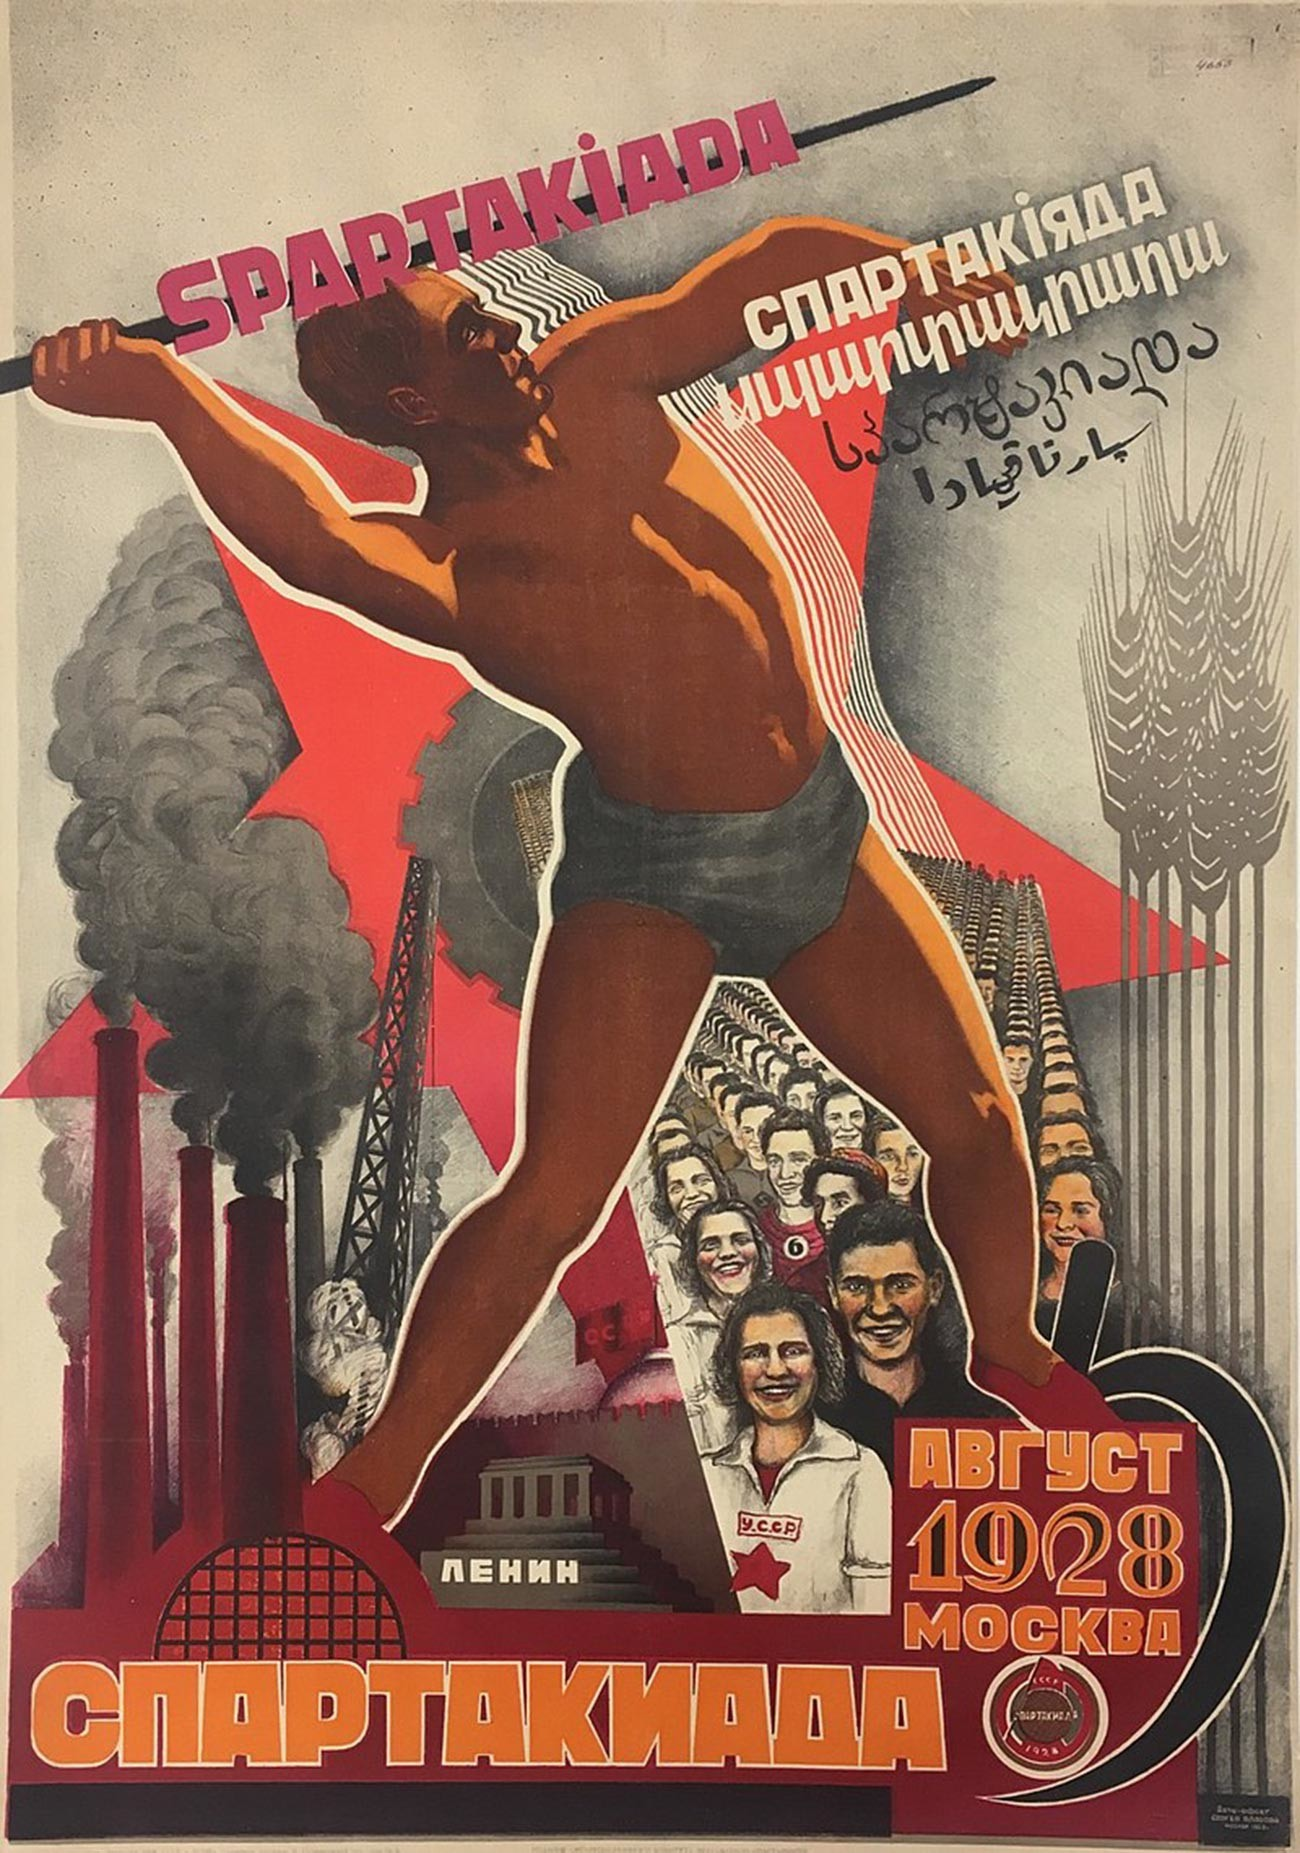 Affiche de la Spartakiade 1928